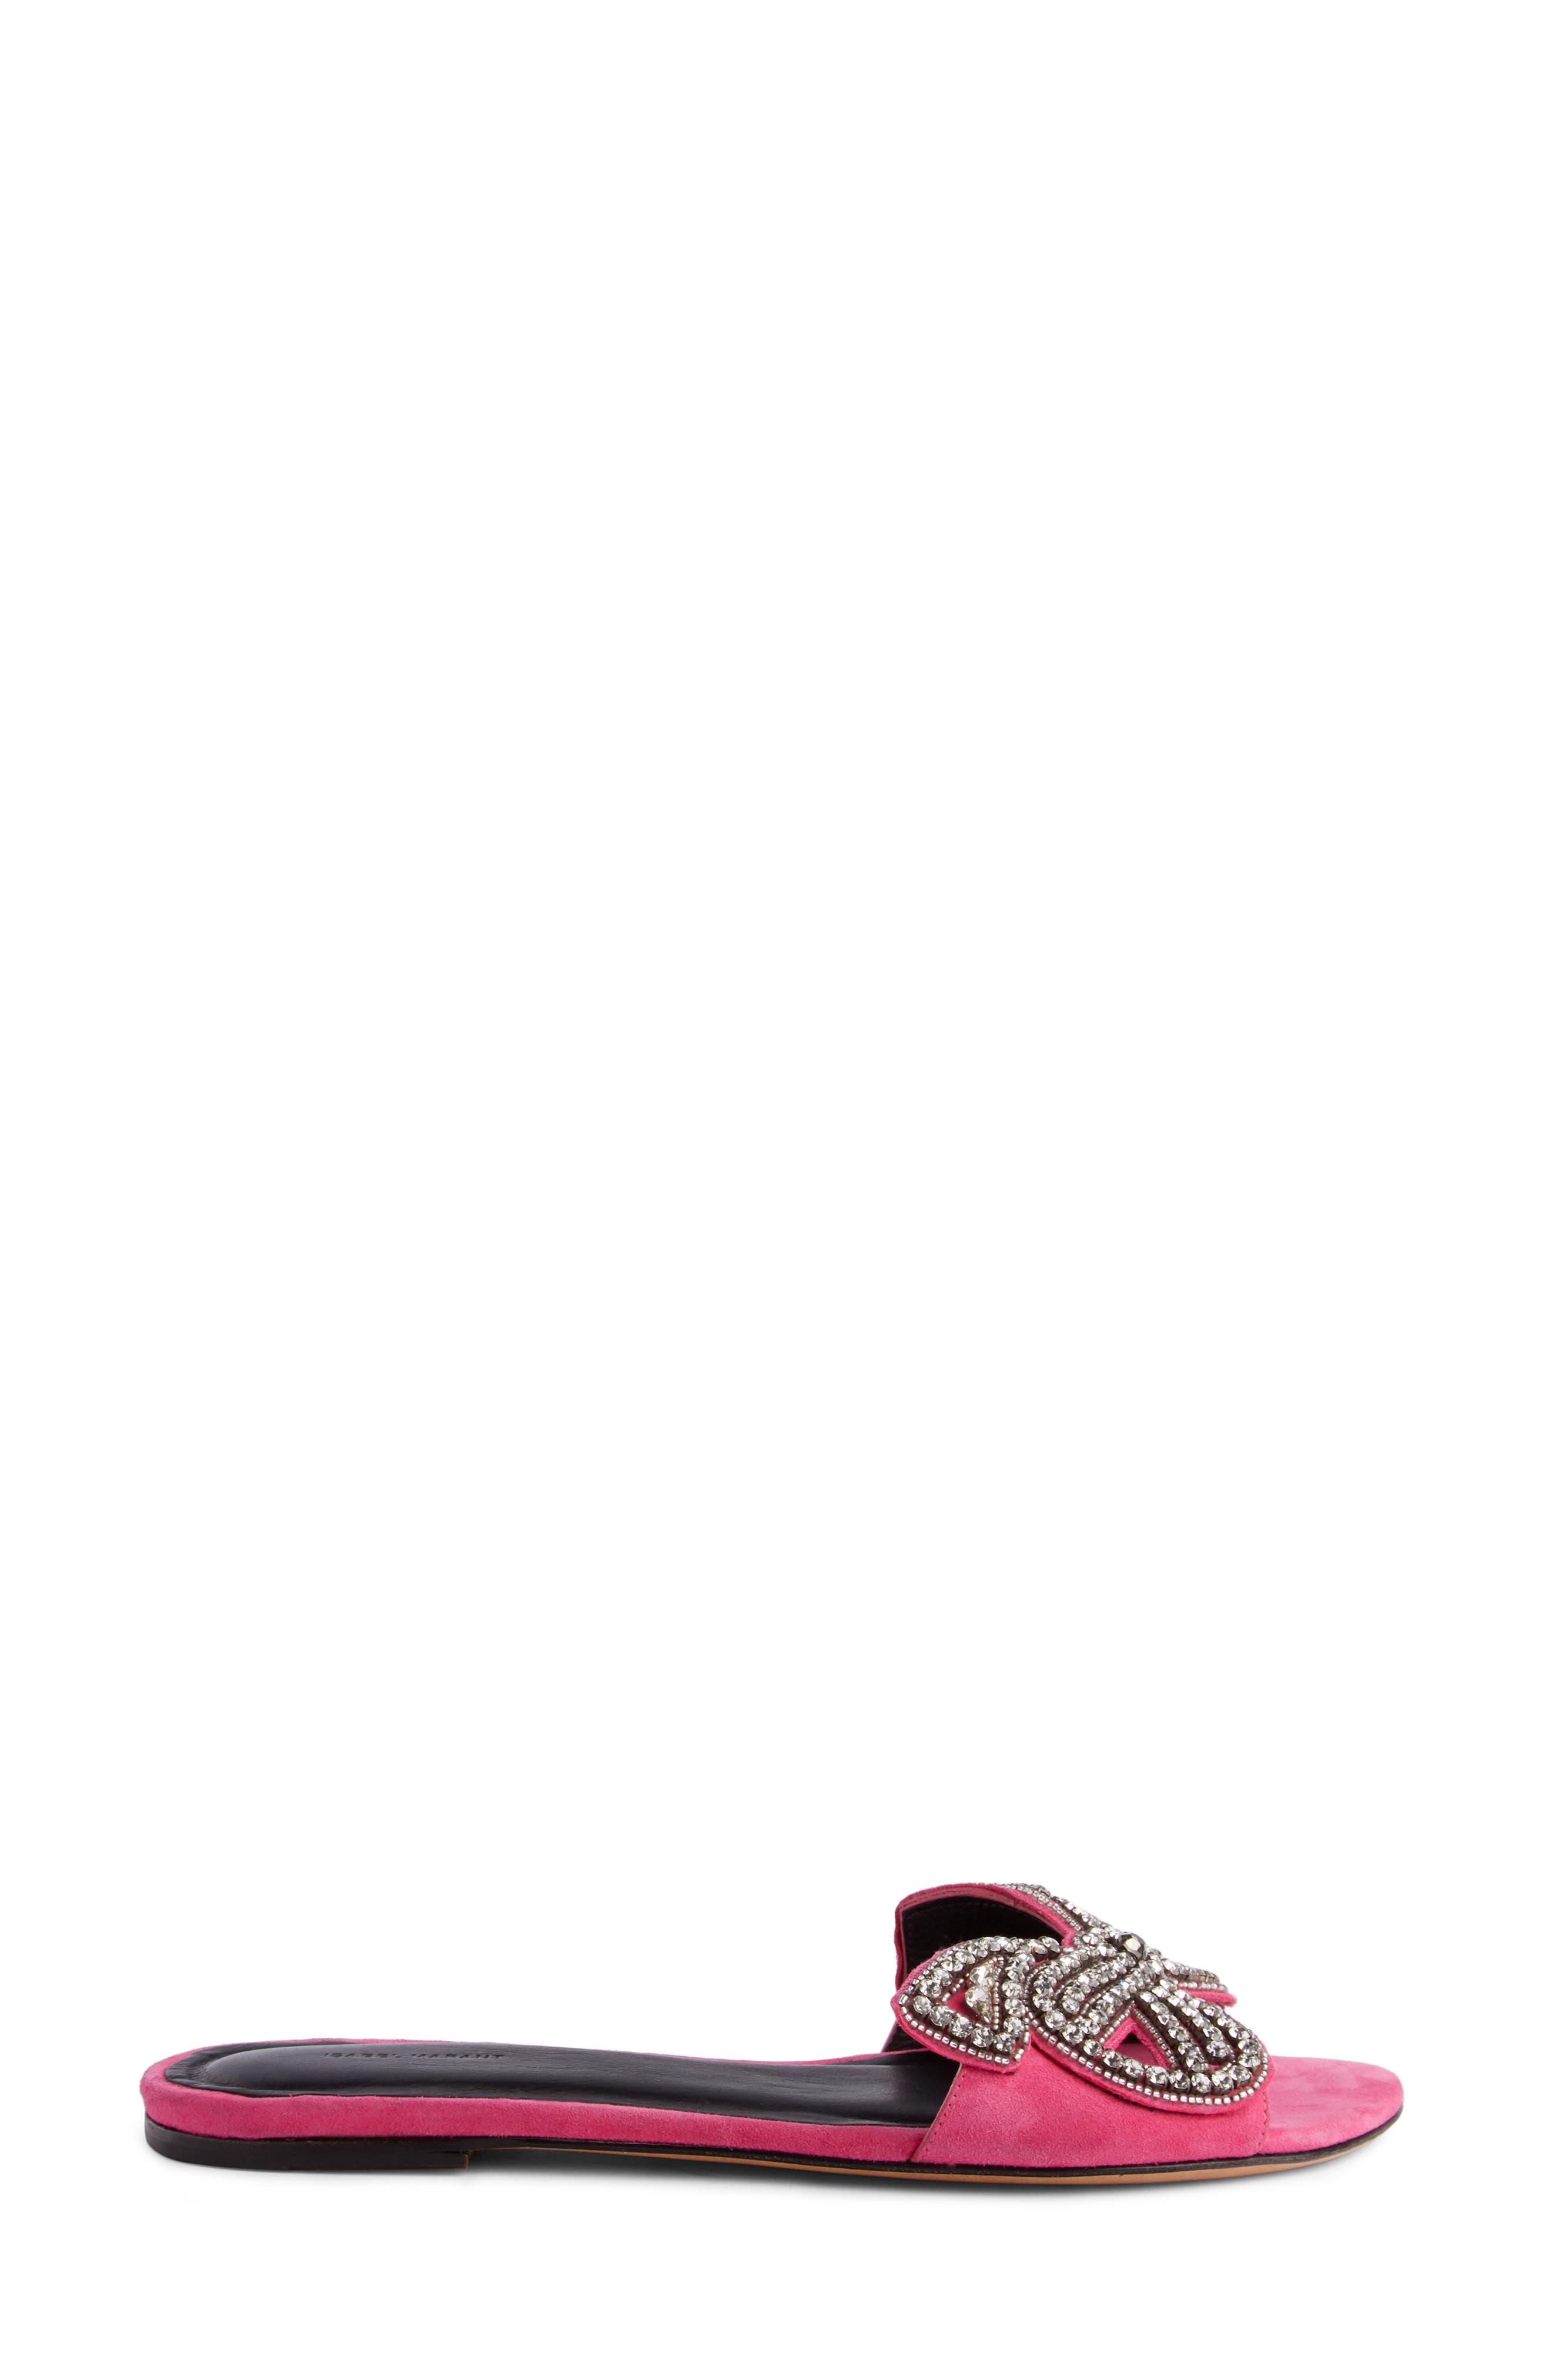 Jelson Crystal Bow Slide Sandal,                             Alternate thumbnail 3, color,                             650